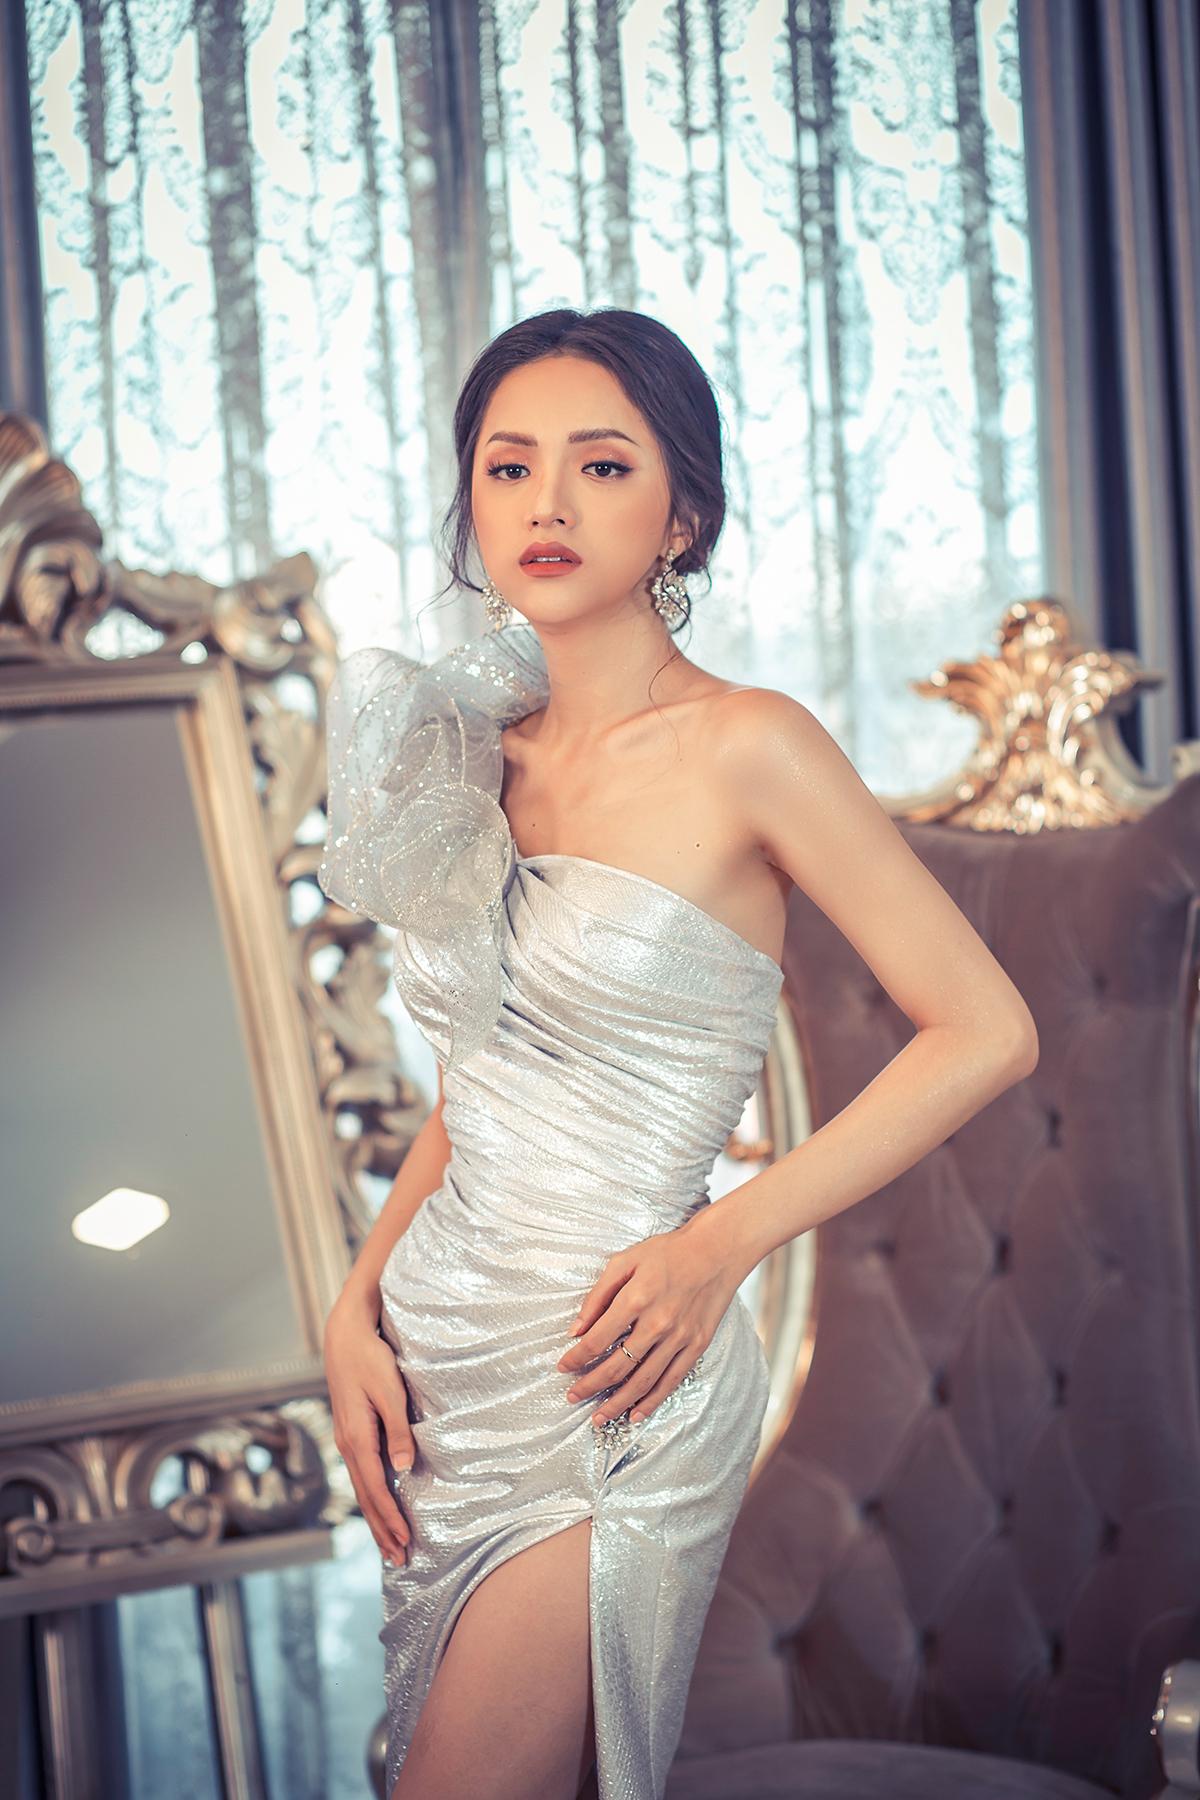 Hoa hậu Hương Giang đẹp xuất thần trong thiết kế ren mỏng tang - Ảnh 7